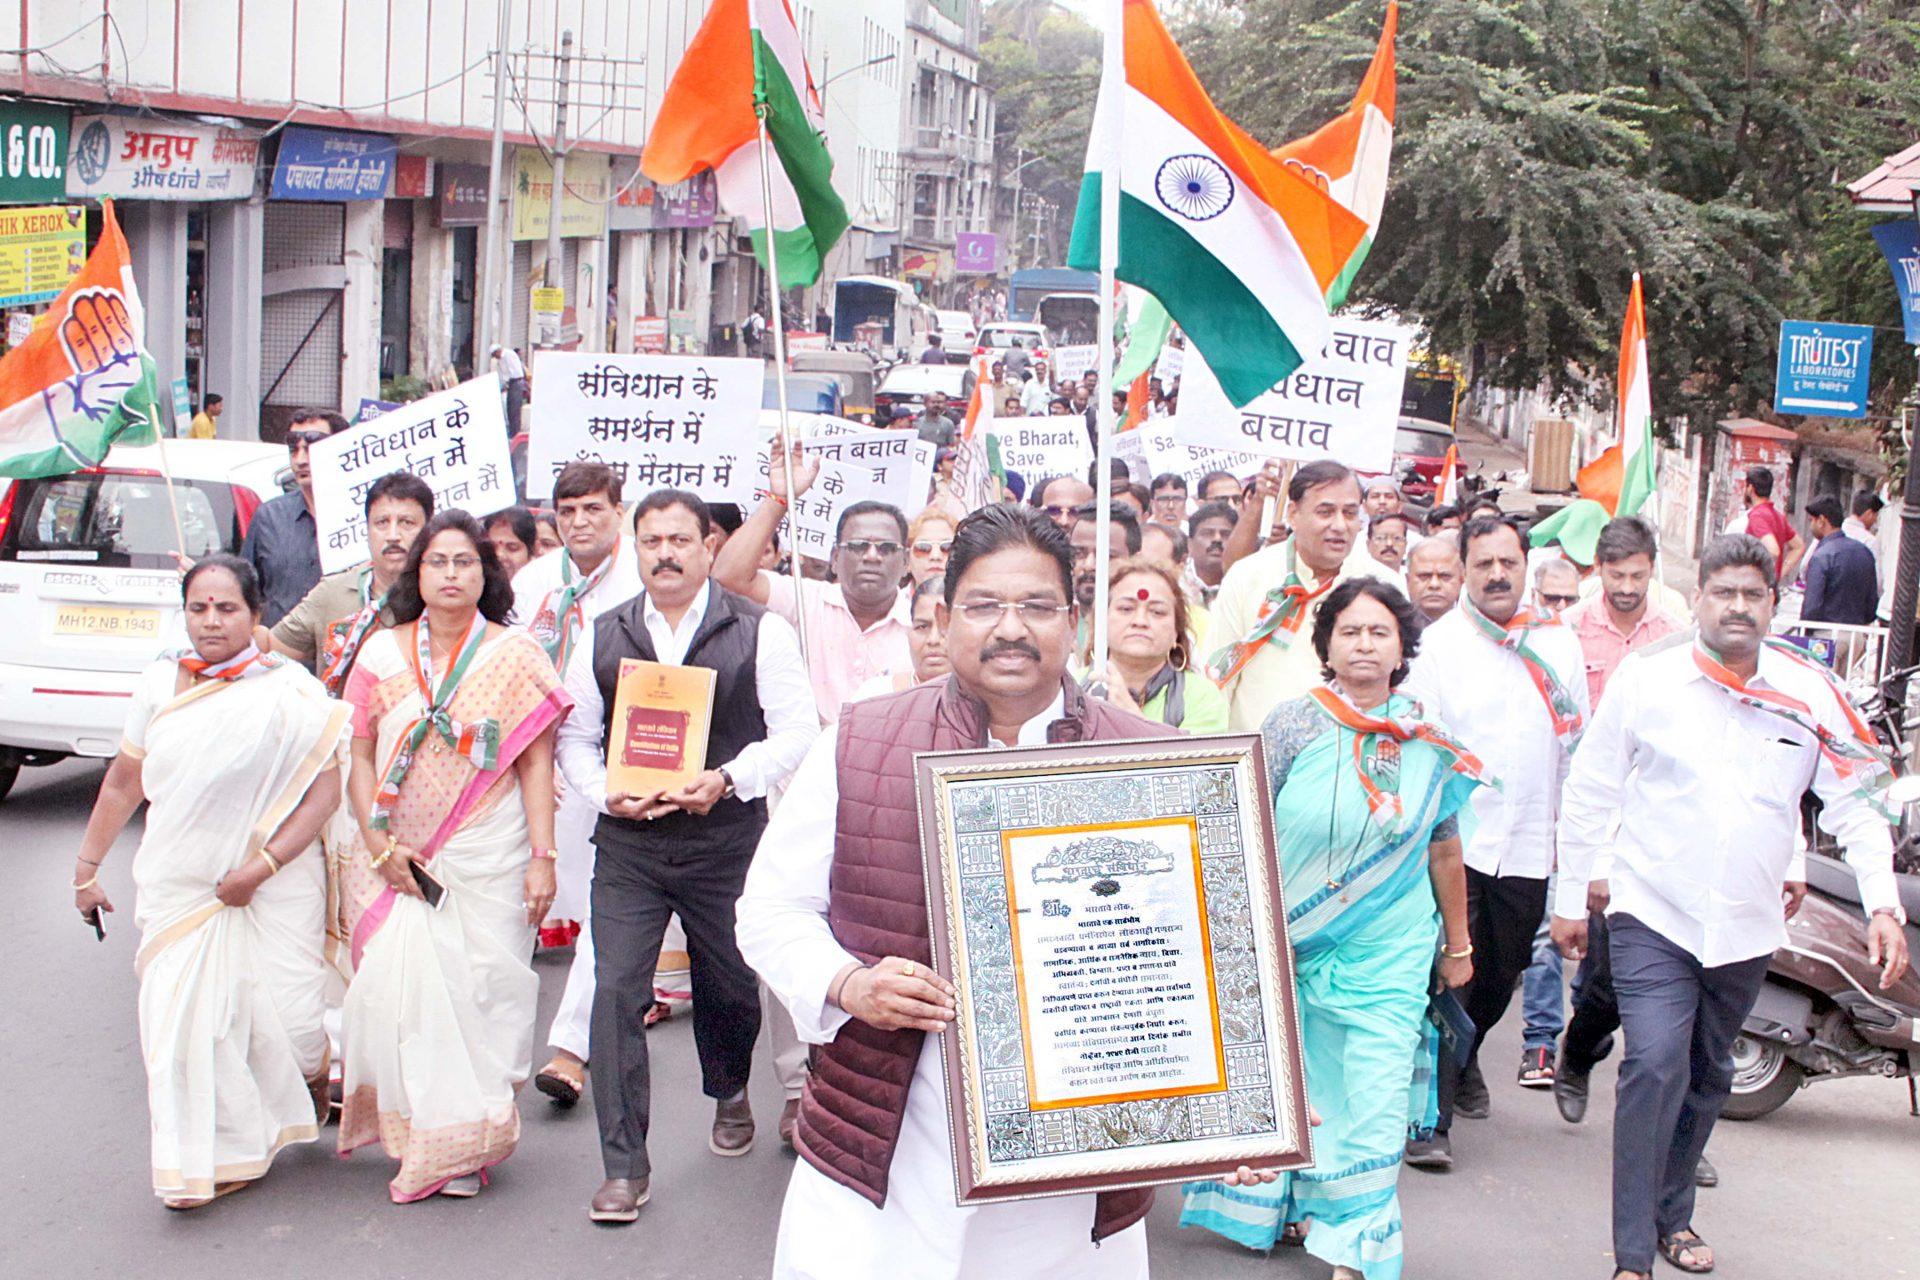 'भारत बचाव - संविधान बचाव' च्या घोषणेने पुणे शहर जिल्हा काँग्रेस कमिटीचा 'झेंडामार्च'.